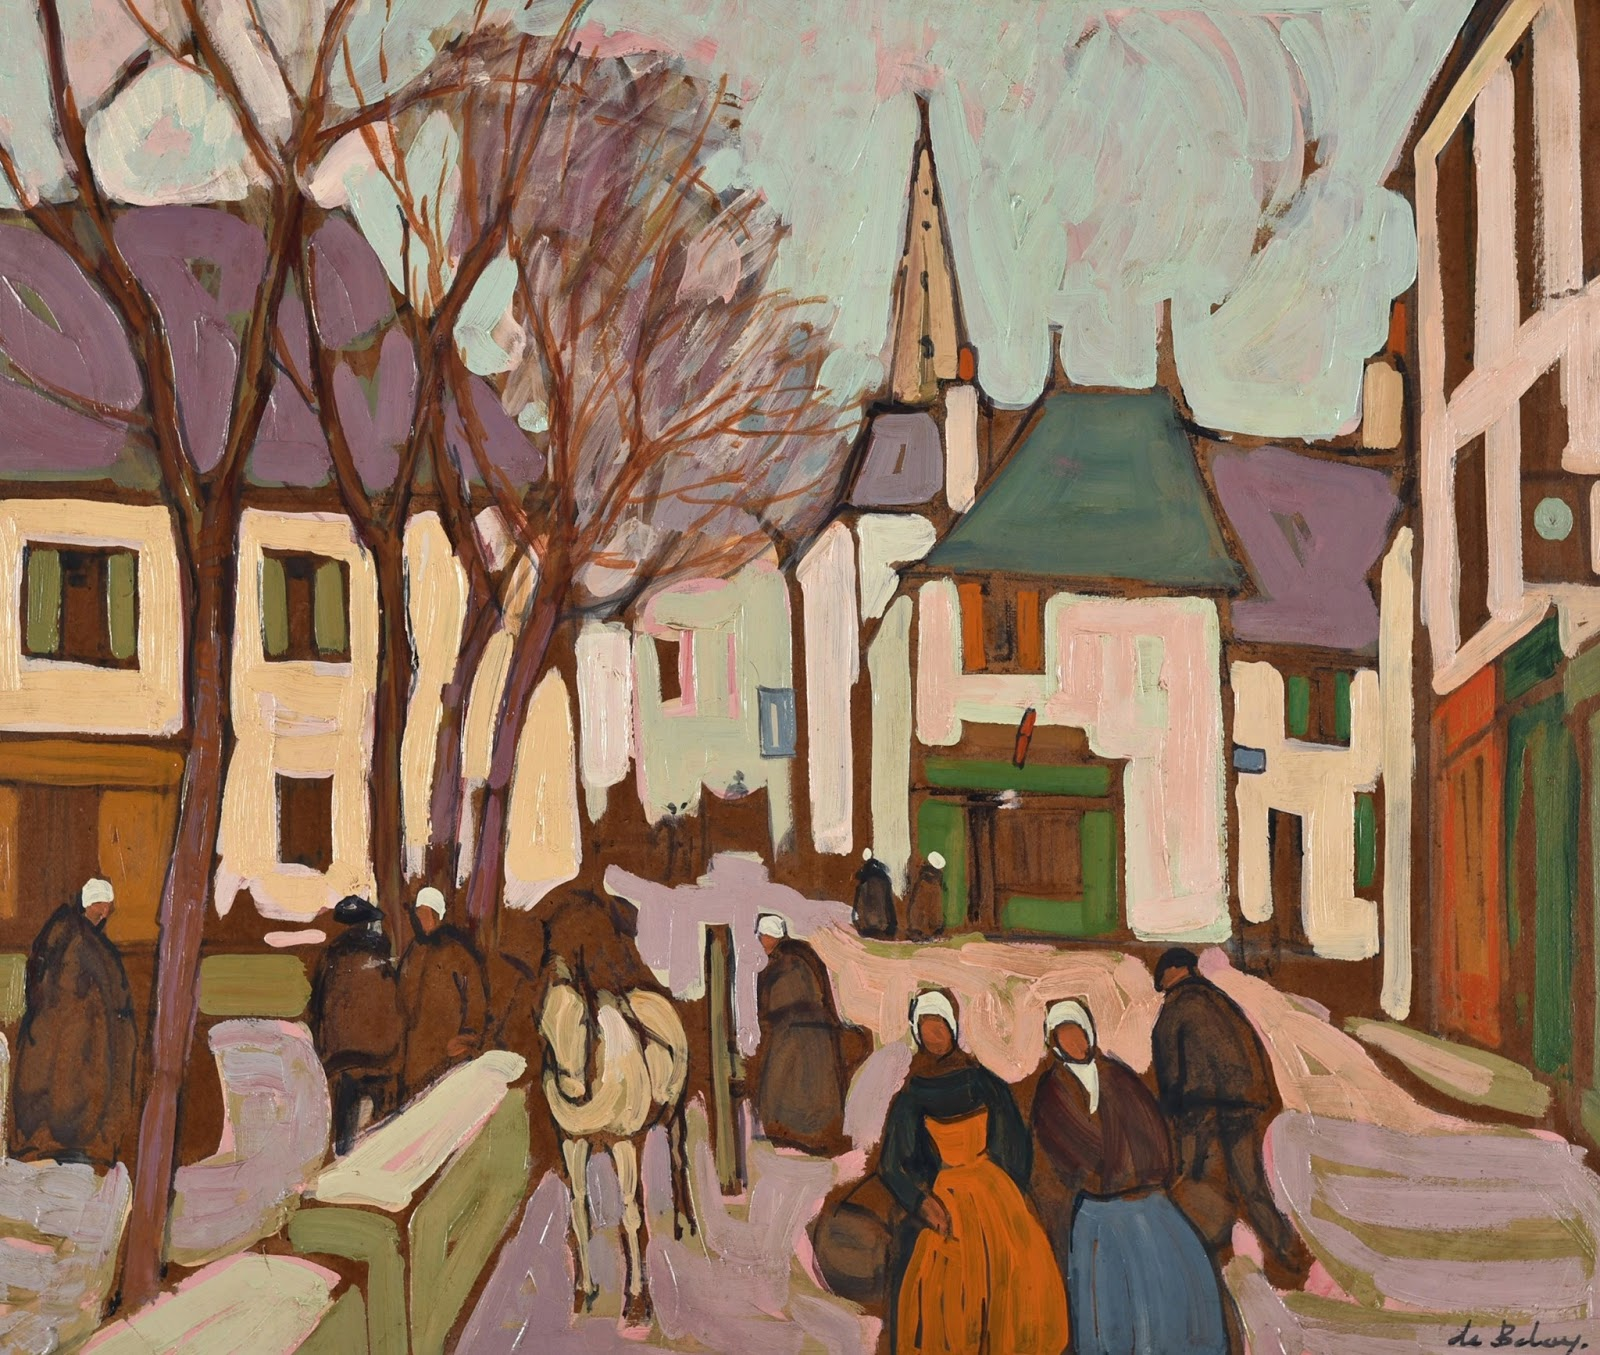 Por amor al arte: Pierre de Belay (1890 - 1947)